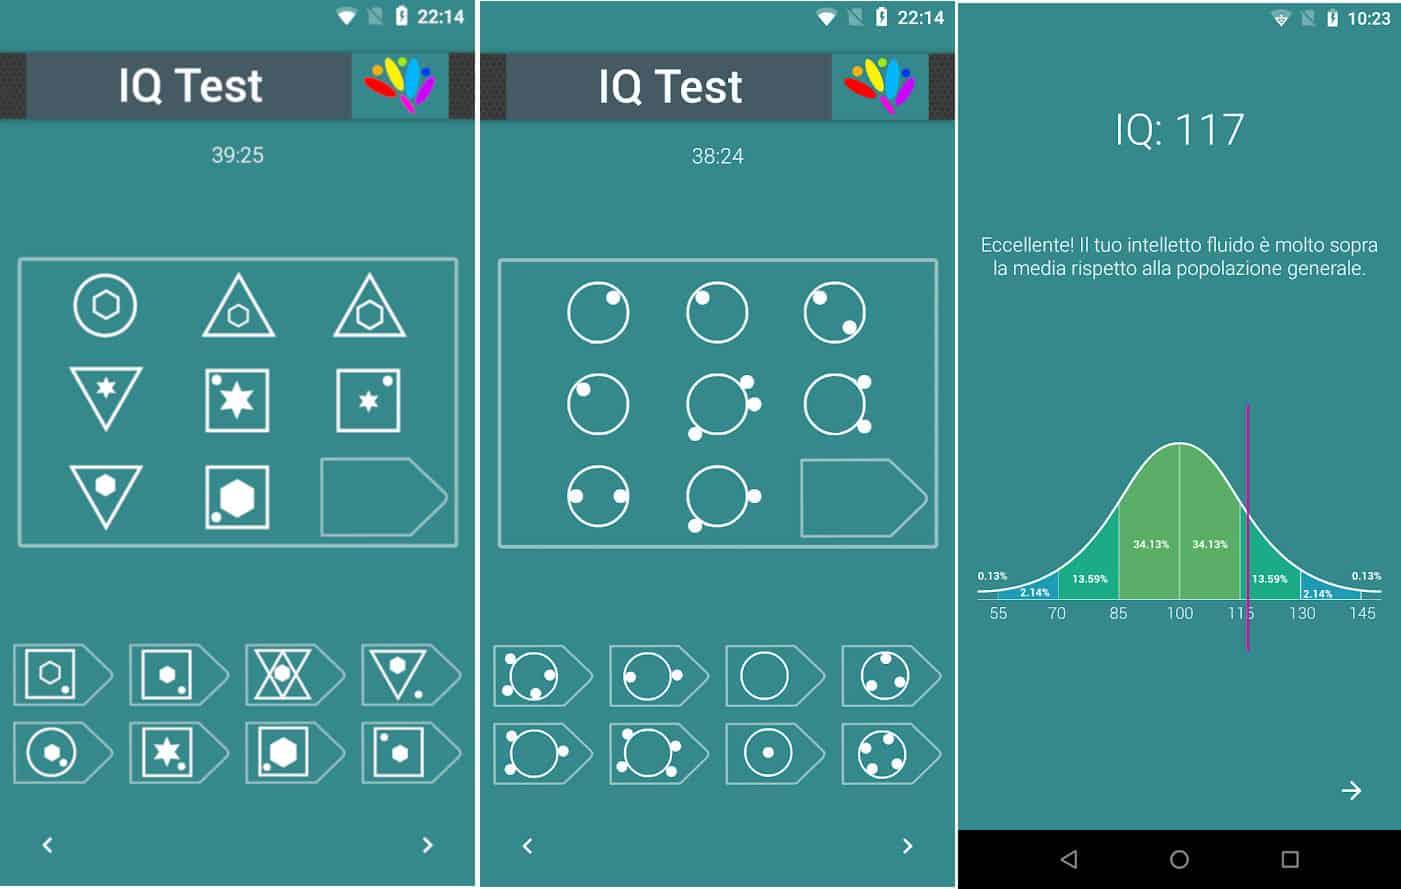 come misurare il quoziente intellettivo app Android